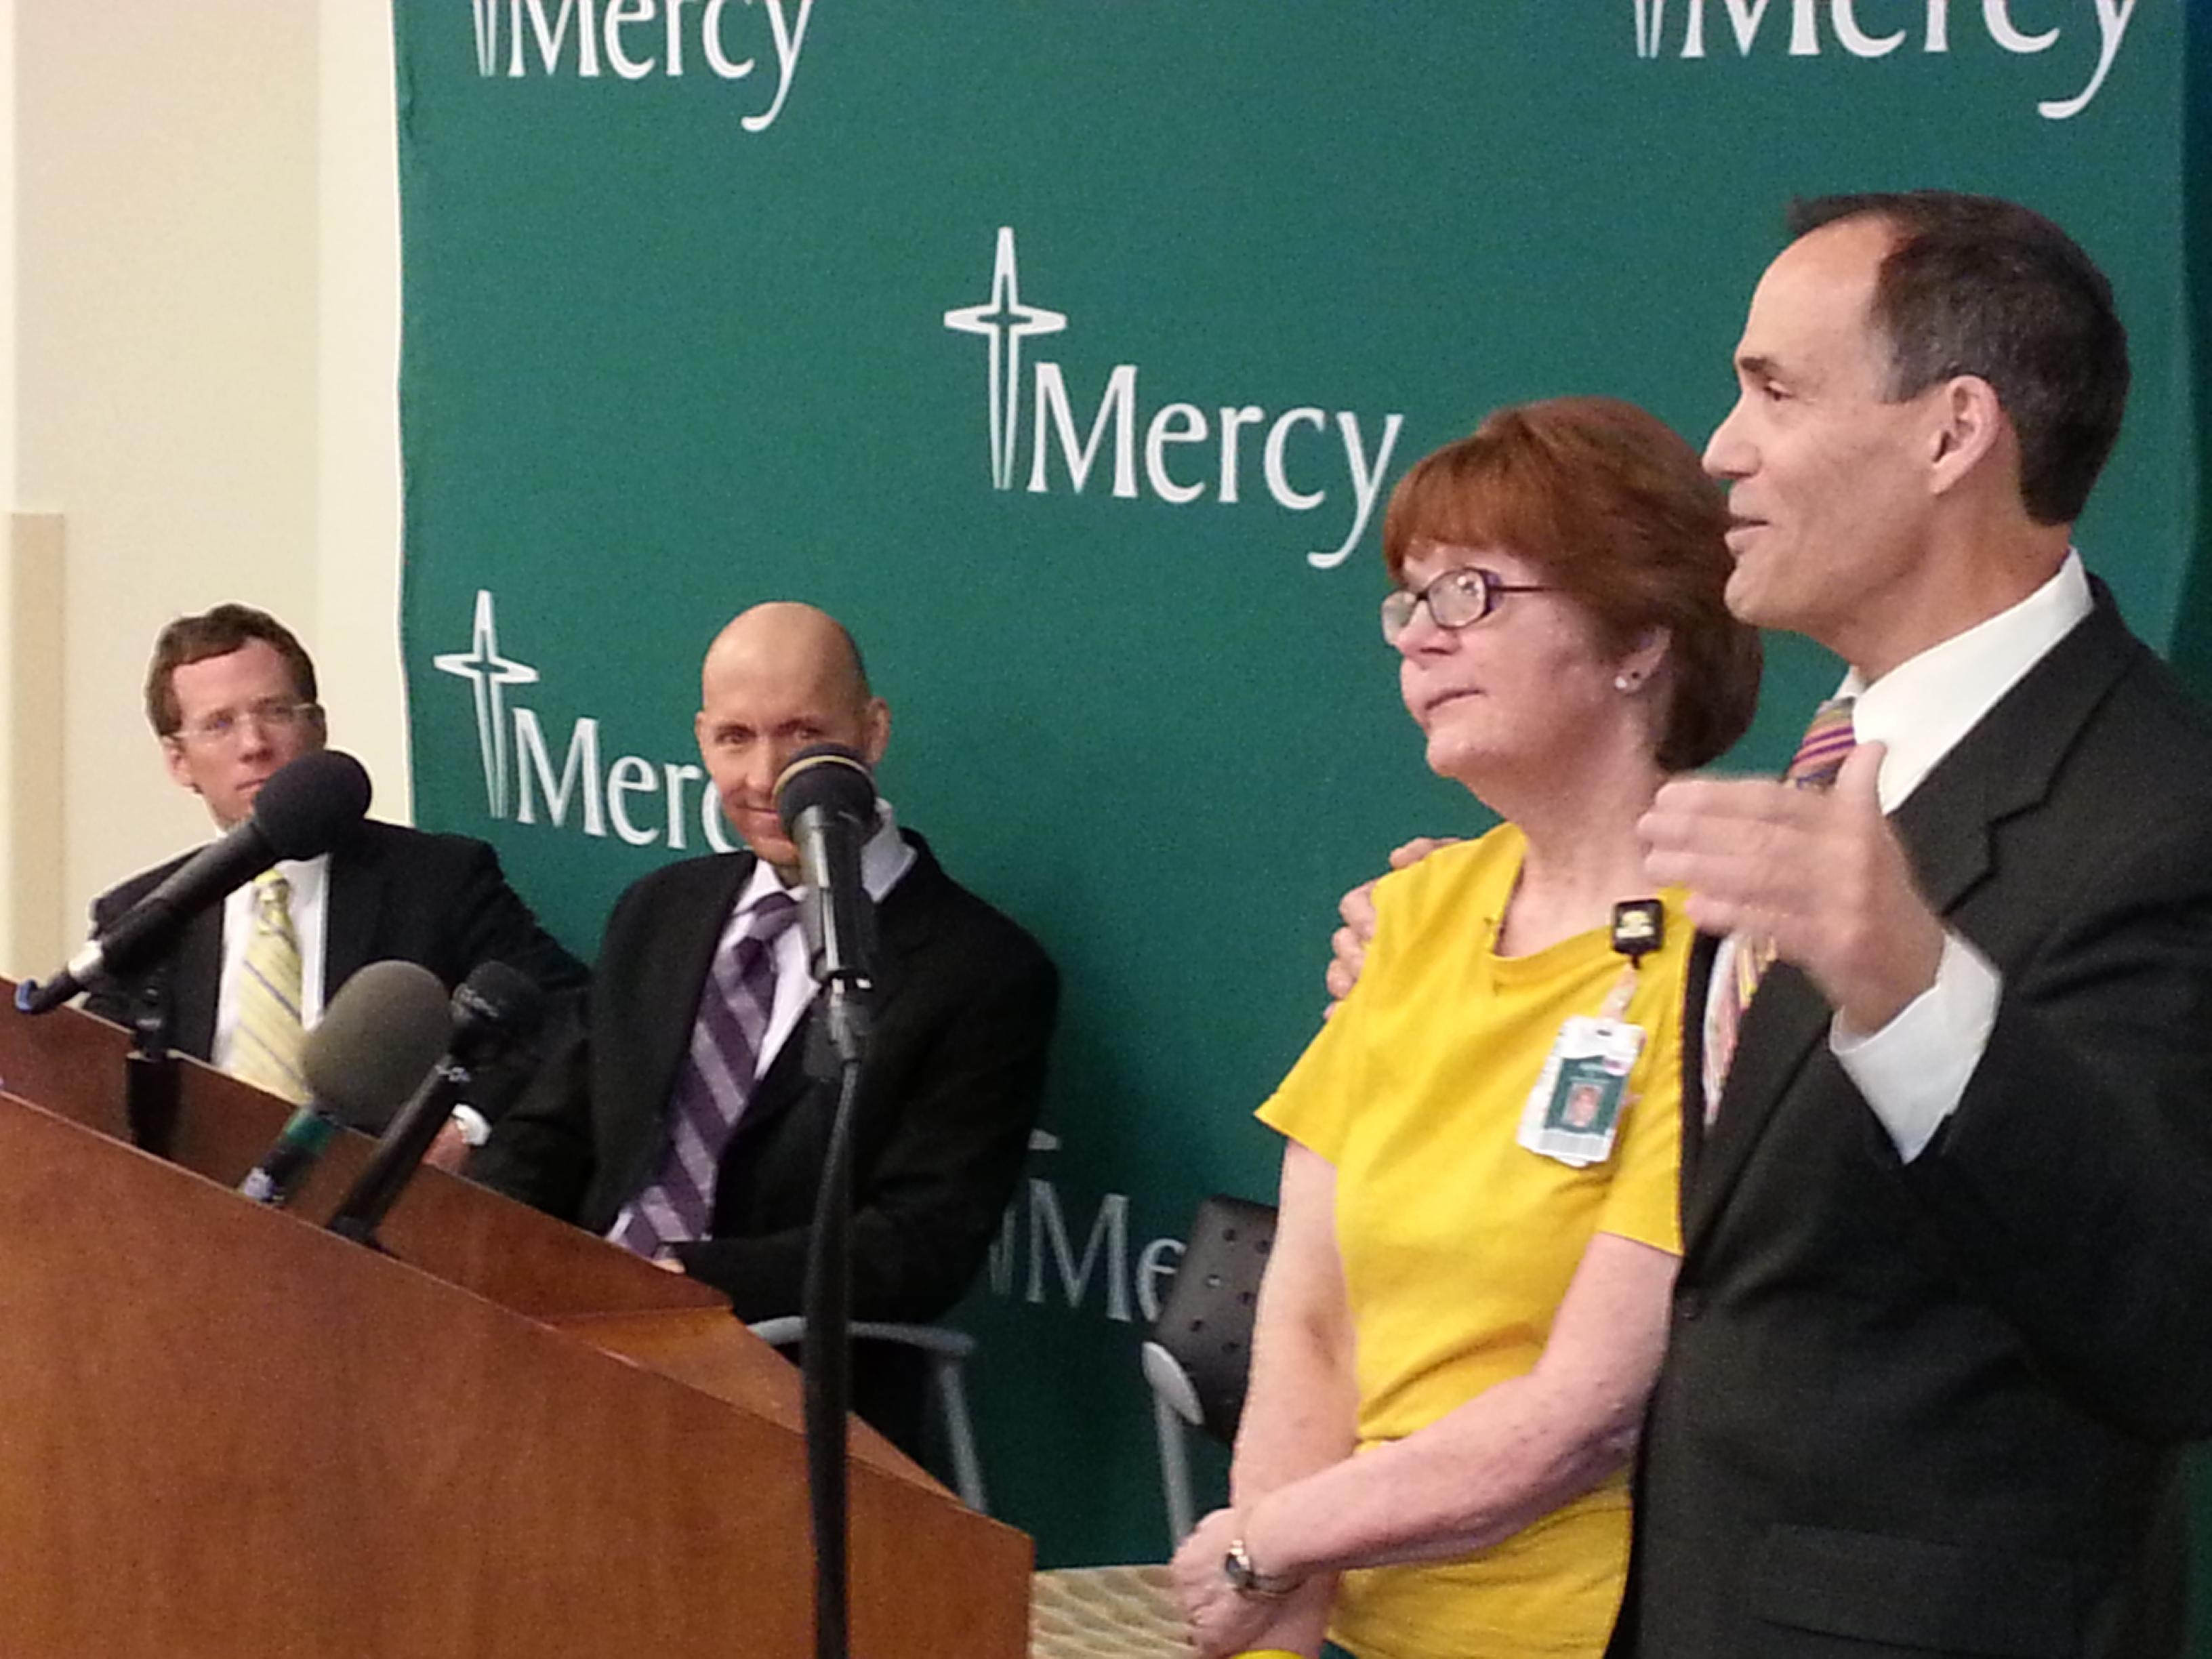 (l-r) Charlie Wittmack, Steve Cannon, cancer survivor Kathy Wennihan, Dr. Richard Deming